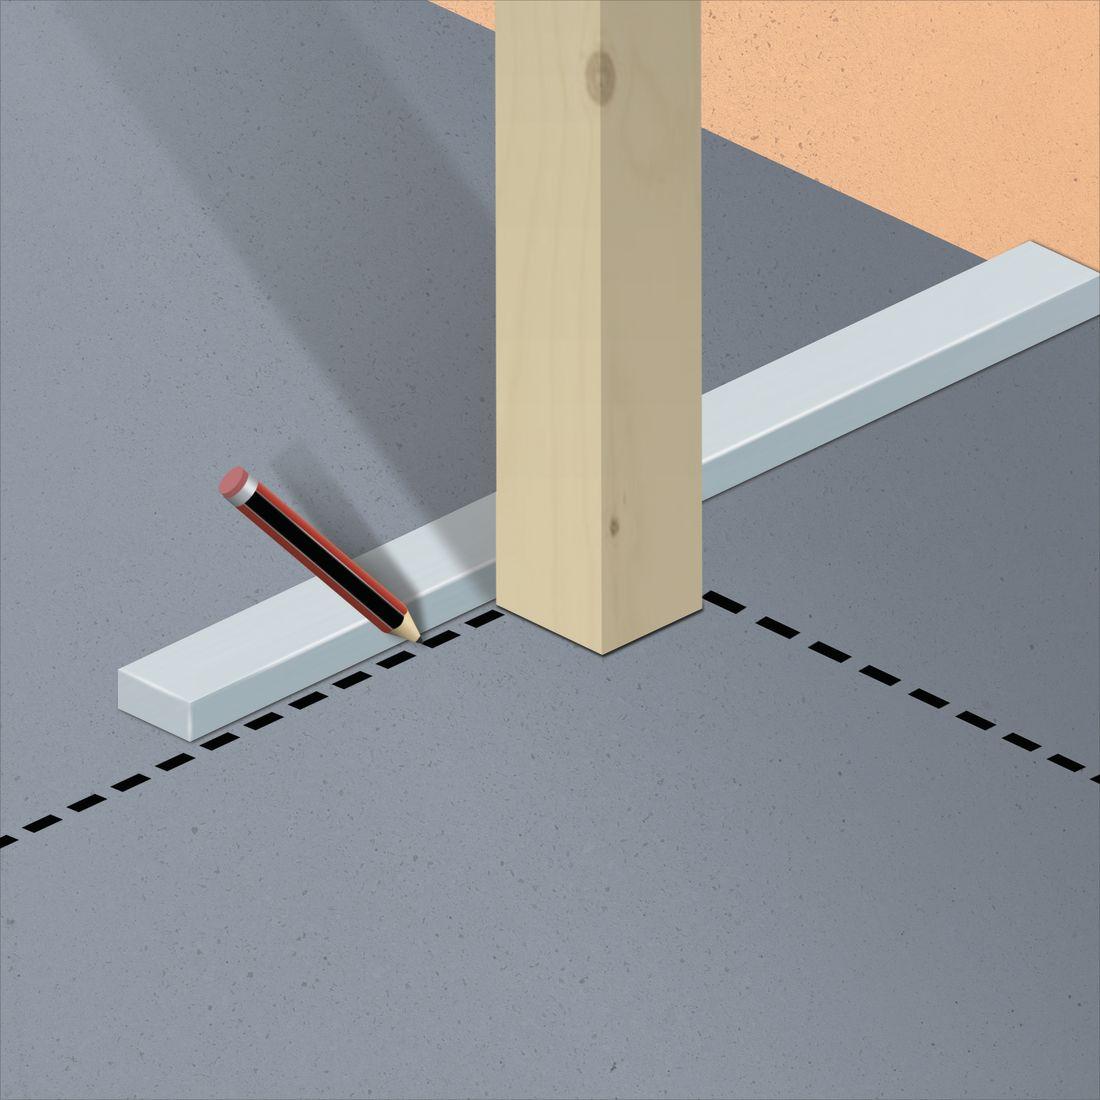 Costruire Armadio A Muro In Legno.Come Costruire Un Armadio A Muro In Legno Elegant Come Costruire Un